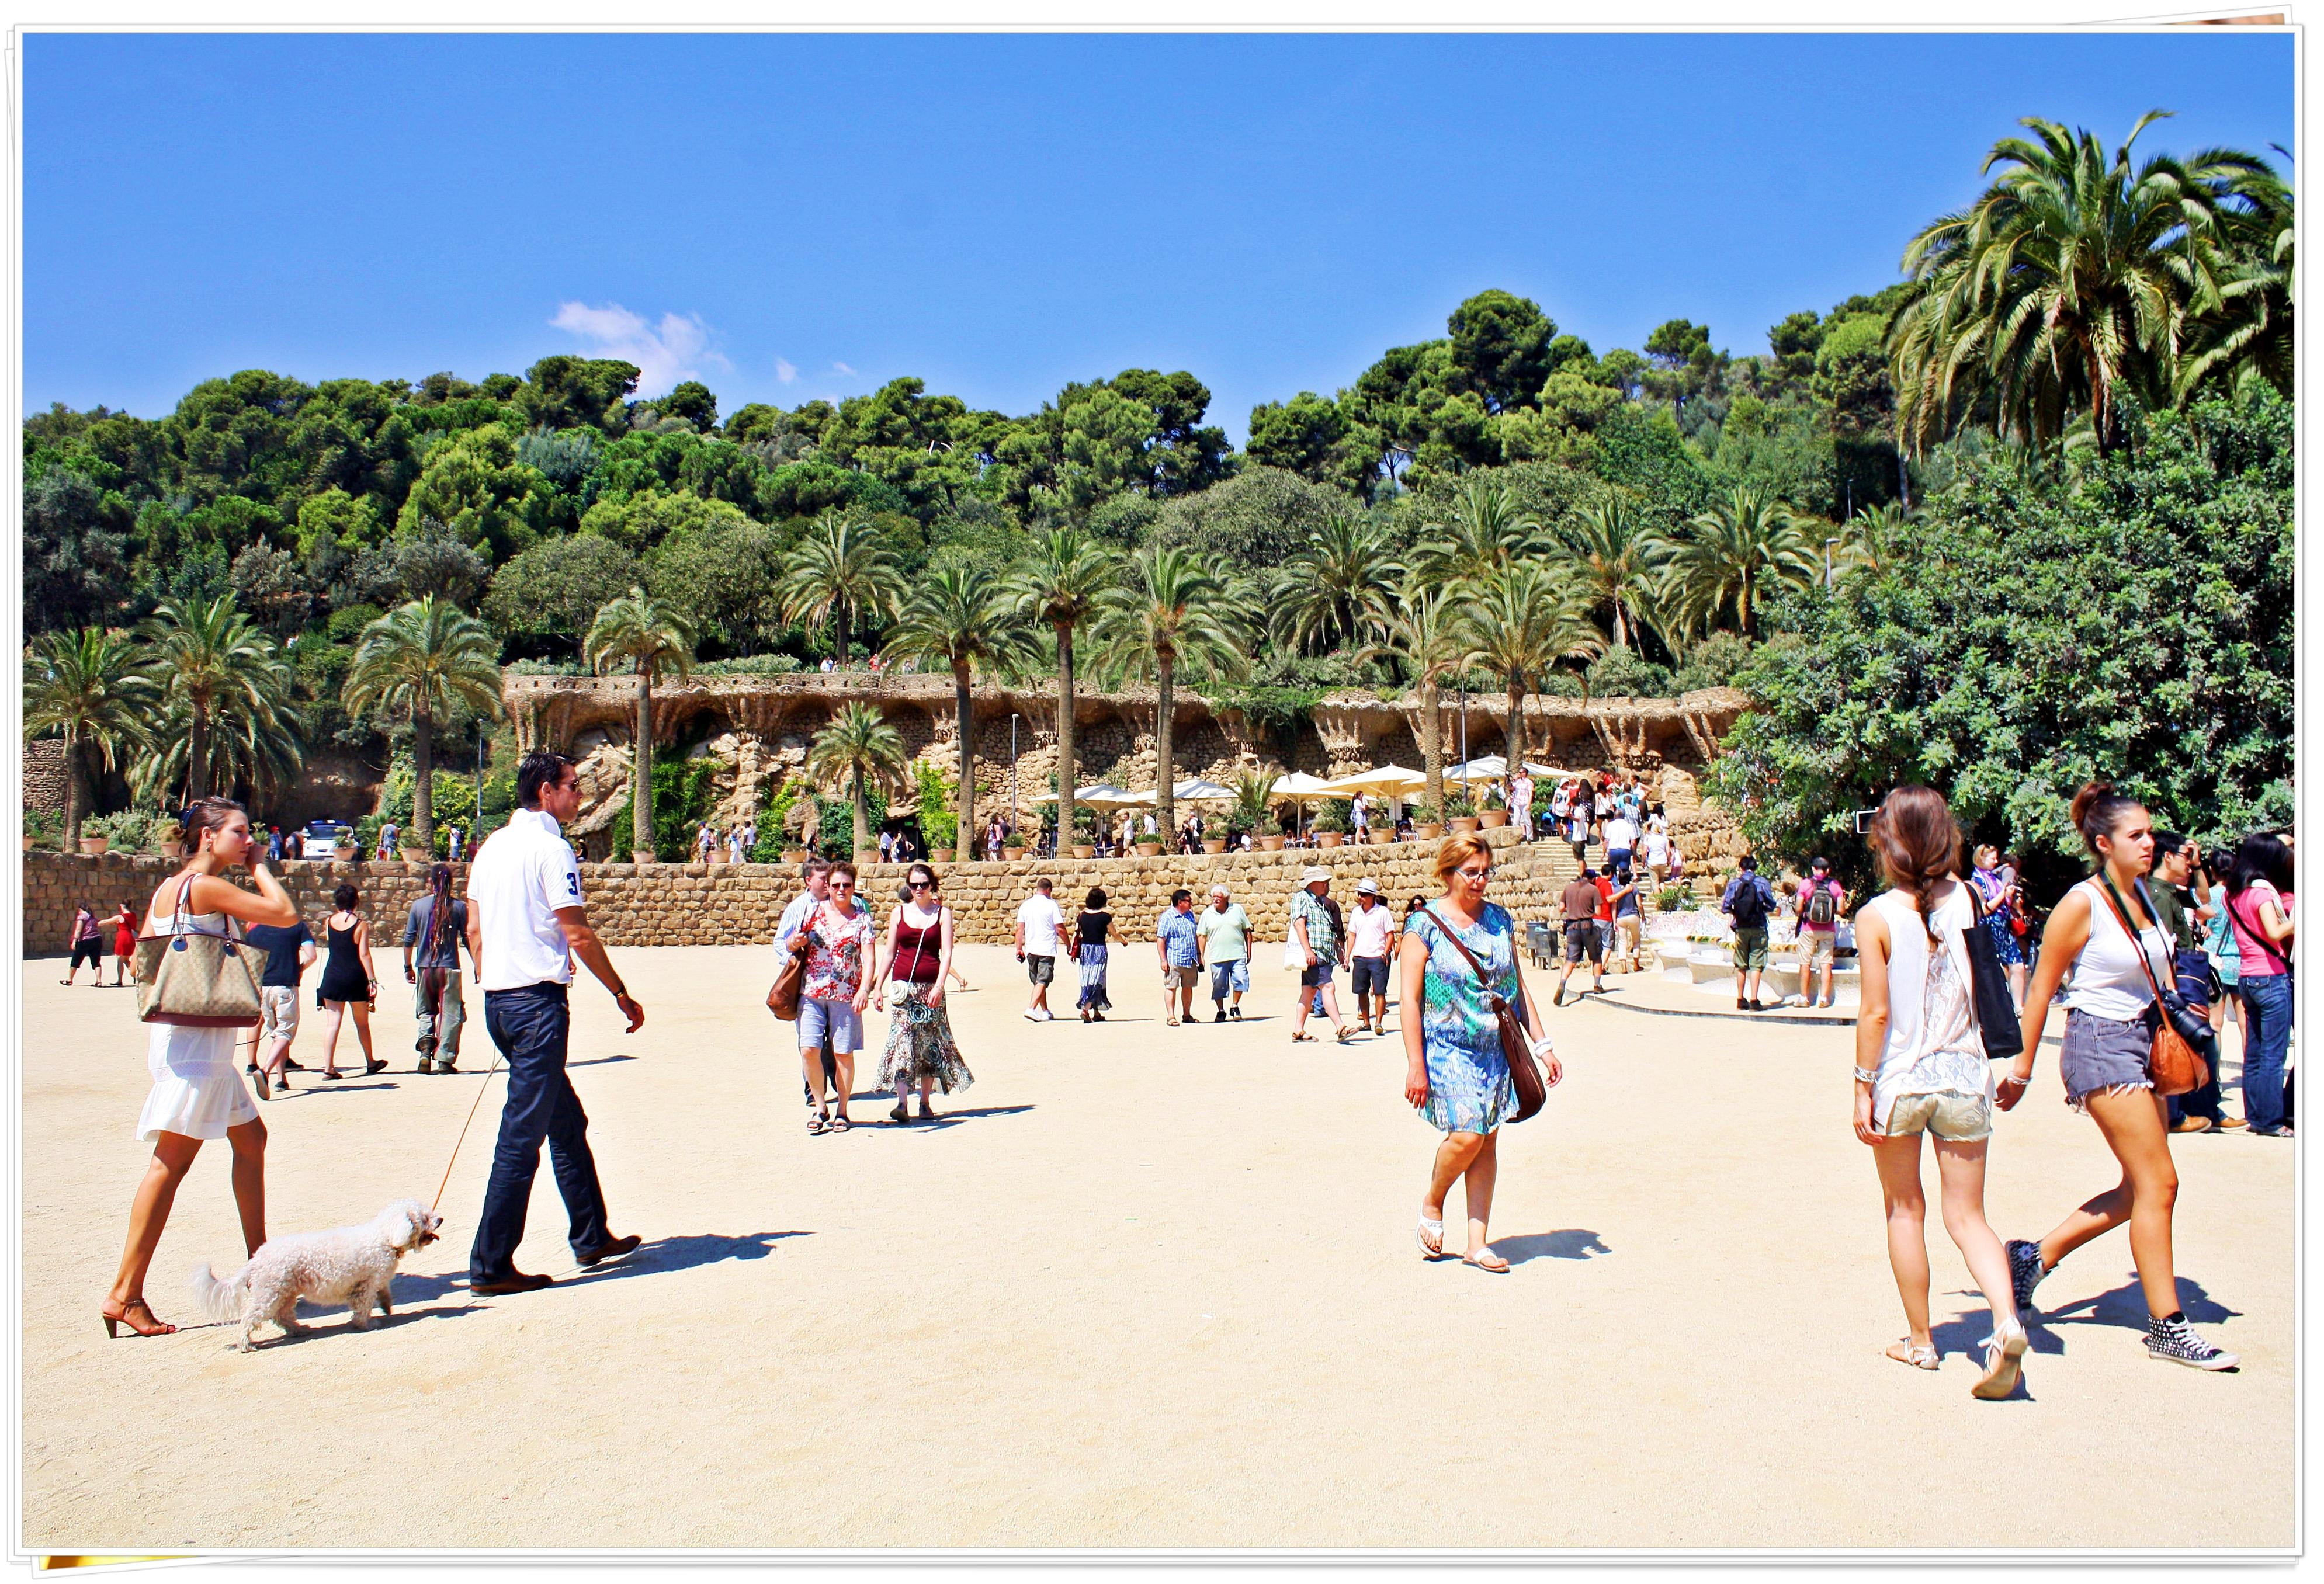 Park Güell - Barcelona, Spain 2013